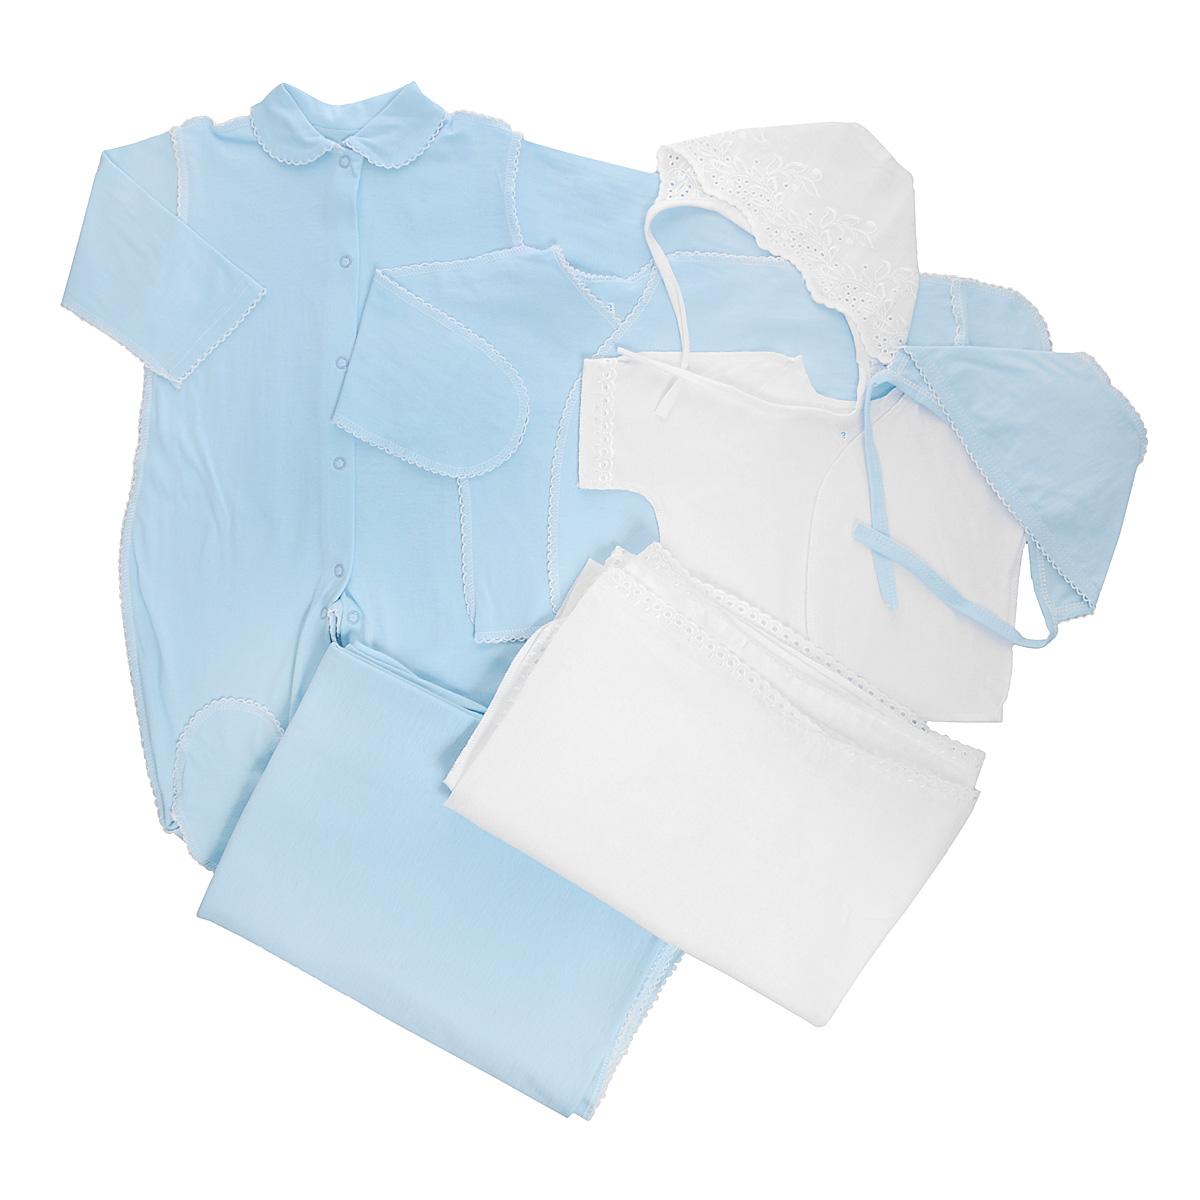 Комплект одежды3472Комплект для новорожденного Трон-плюс - это замечательный подарок, который прекрасно подойдет для первых дней жизни малыша. Комплект состоит из комбинезона, двух распашонок, двух чепчиков и двух пеленок. Комплект изготовлен из натурального хлопка, благодаря чему он необычайно мягкий и приятный на ощупь, не сковывает движения младенца и позволяет коже дышать, не раздражает даже самую нежную и чувствительную кожу ребенка, обеспечивая ему наибольший комфорт. Легкая распашонка с короткими рукавами выполнена швами наружу. Изделие украшено вышивкой, а рукава декорированы ажурными рюшами. Распашонка с длинными рукавами и с запахом выполнена швами наружу. Оформлено изделие ажурными петельками. Рукава дополнены рукавичками, которые обеспечат вашему малышу комфорт во время сна и бодрствования, предохраняя нежную кожу новорожденного от расцарапывания. Рукавички можно завернуть. Чепчик защищает еще не заросший родничок, щадит чувствительный слух малыша, прикрывая ушки, и...